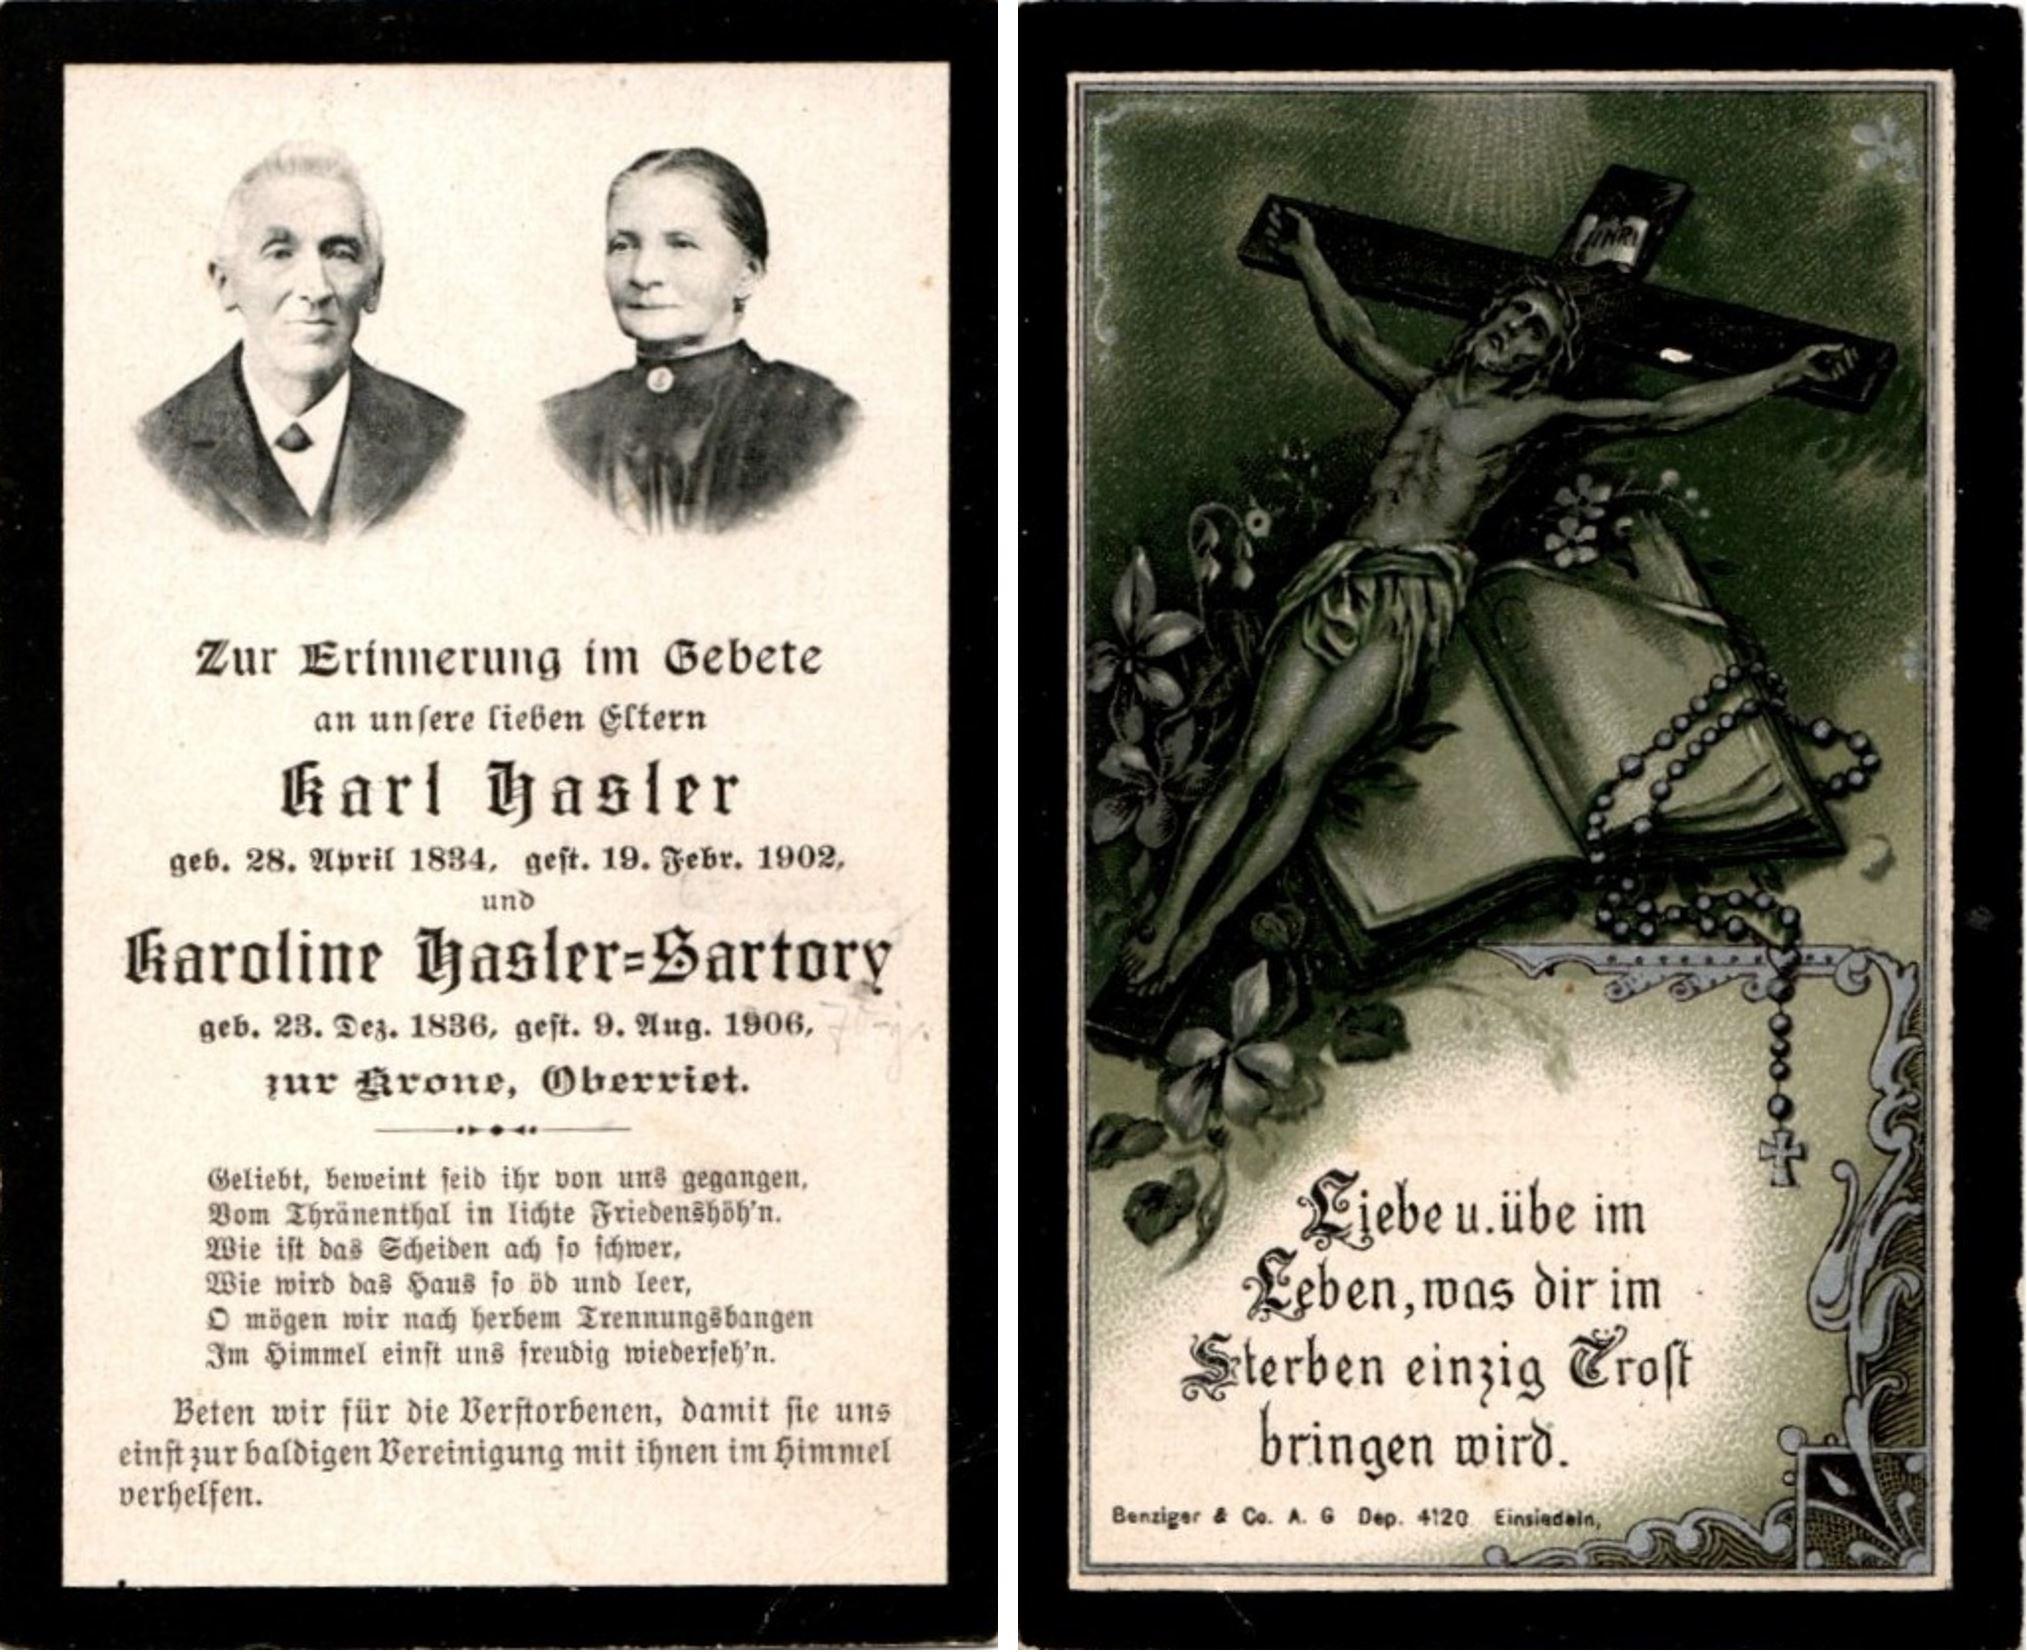 Karl Salesius Hasler (1834-1902)